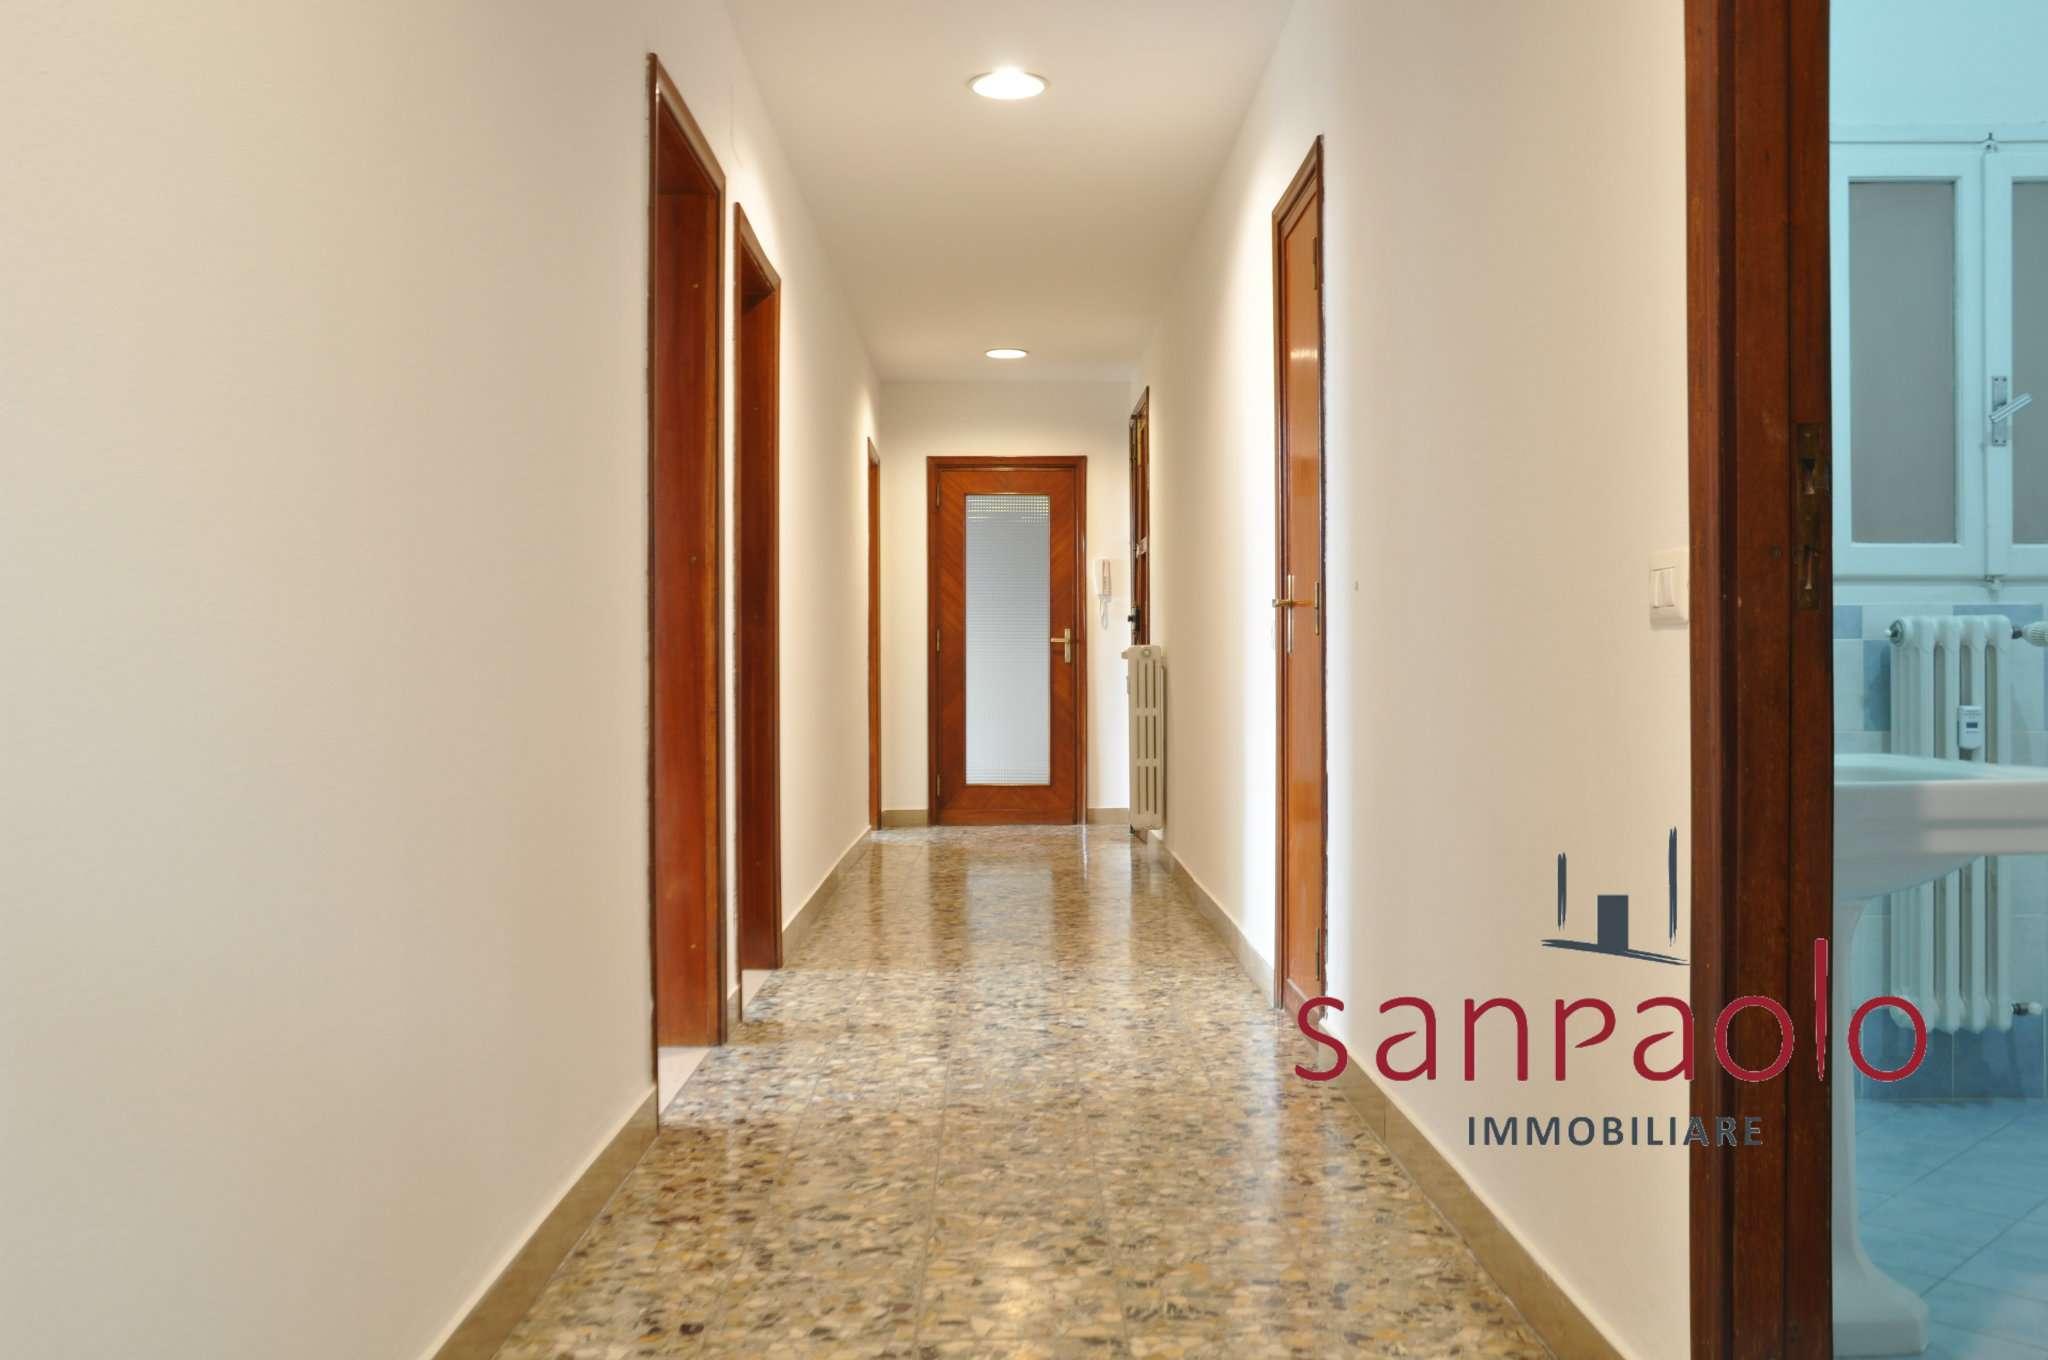 Appartamento in affitto a Pistoia, 6 locali, prezzo € 750 | PortaleAgenzieImmobiliari.it